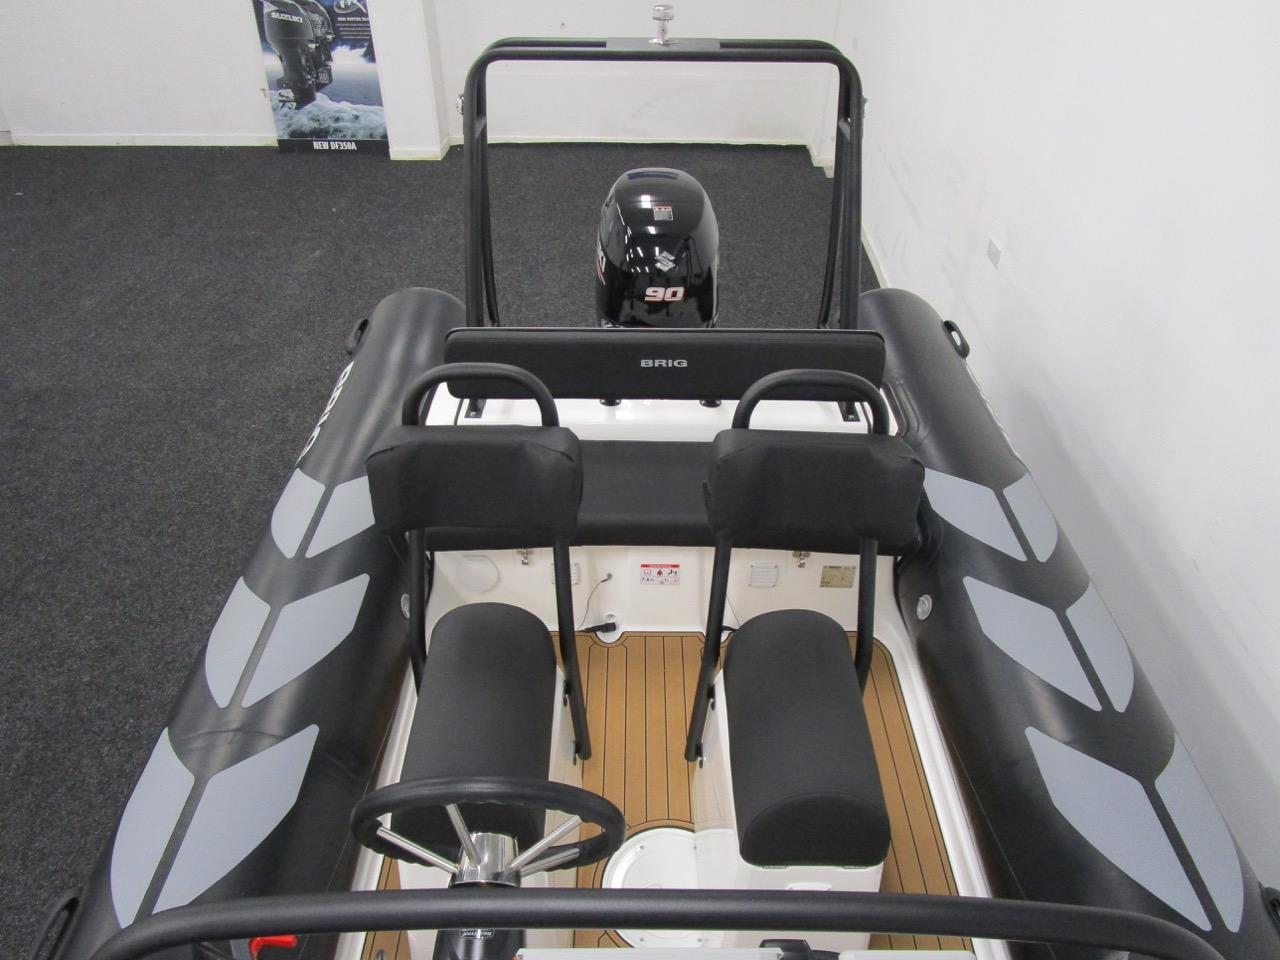 N570 helm seats & rear seat